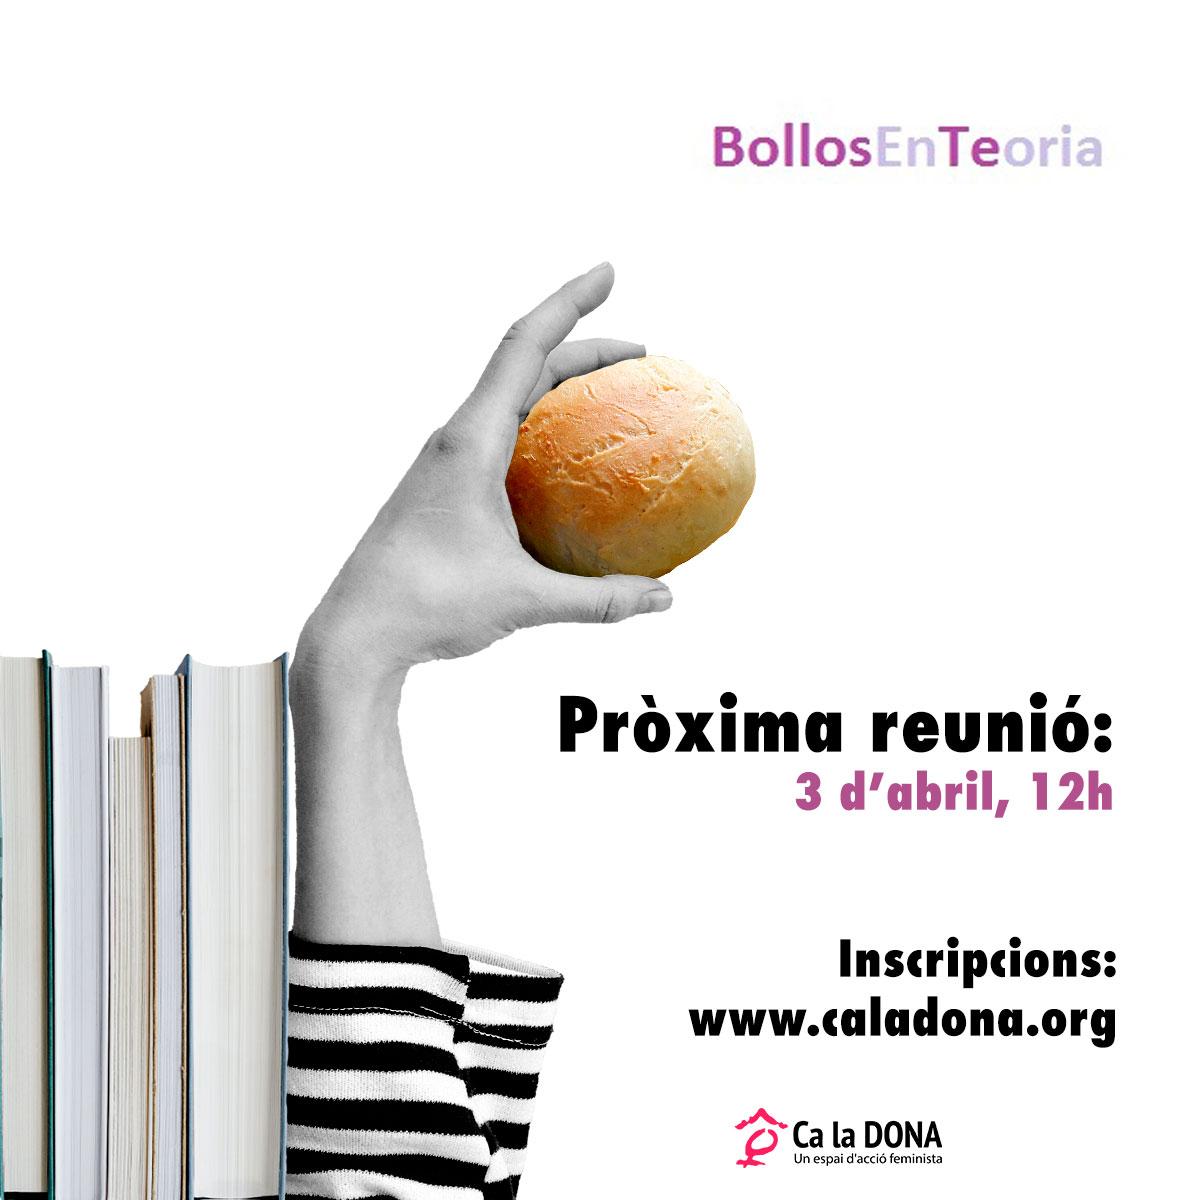 Reunió-Bollos_abril